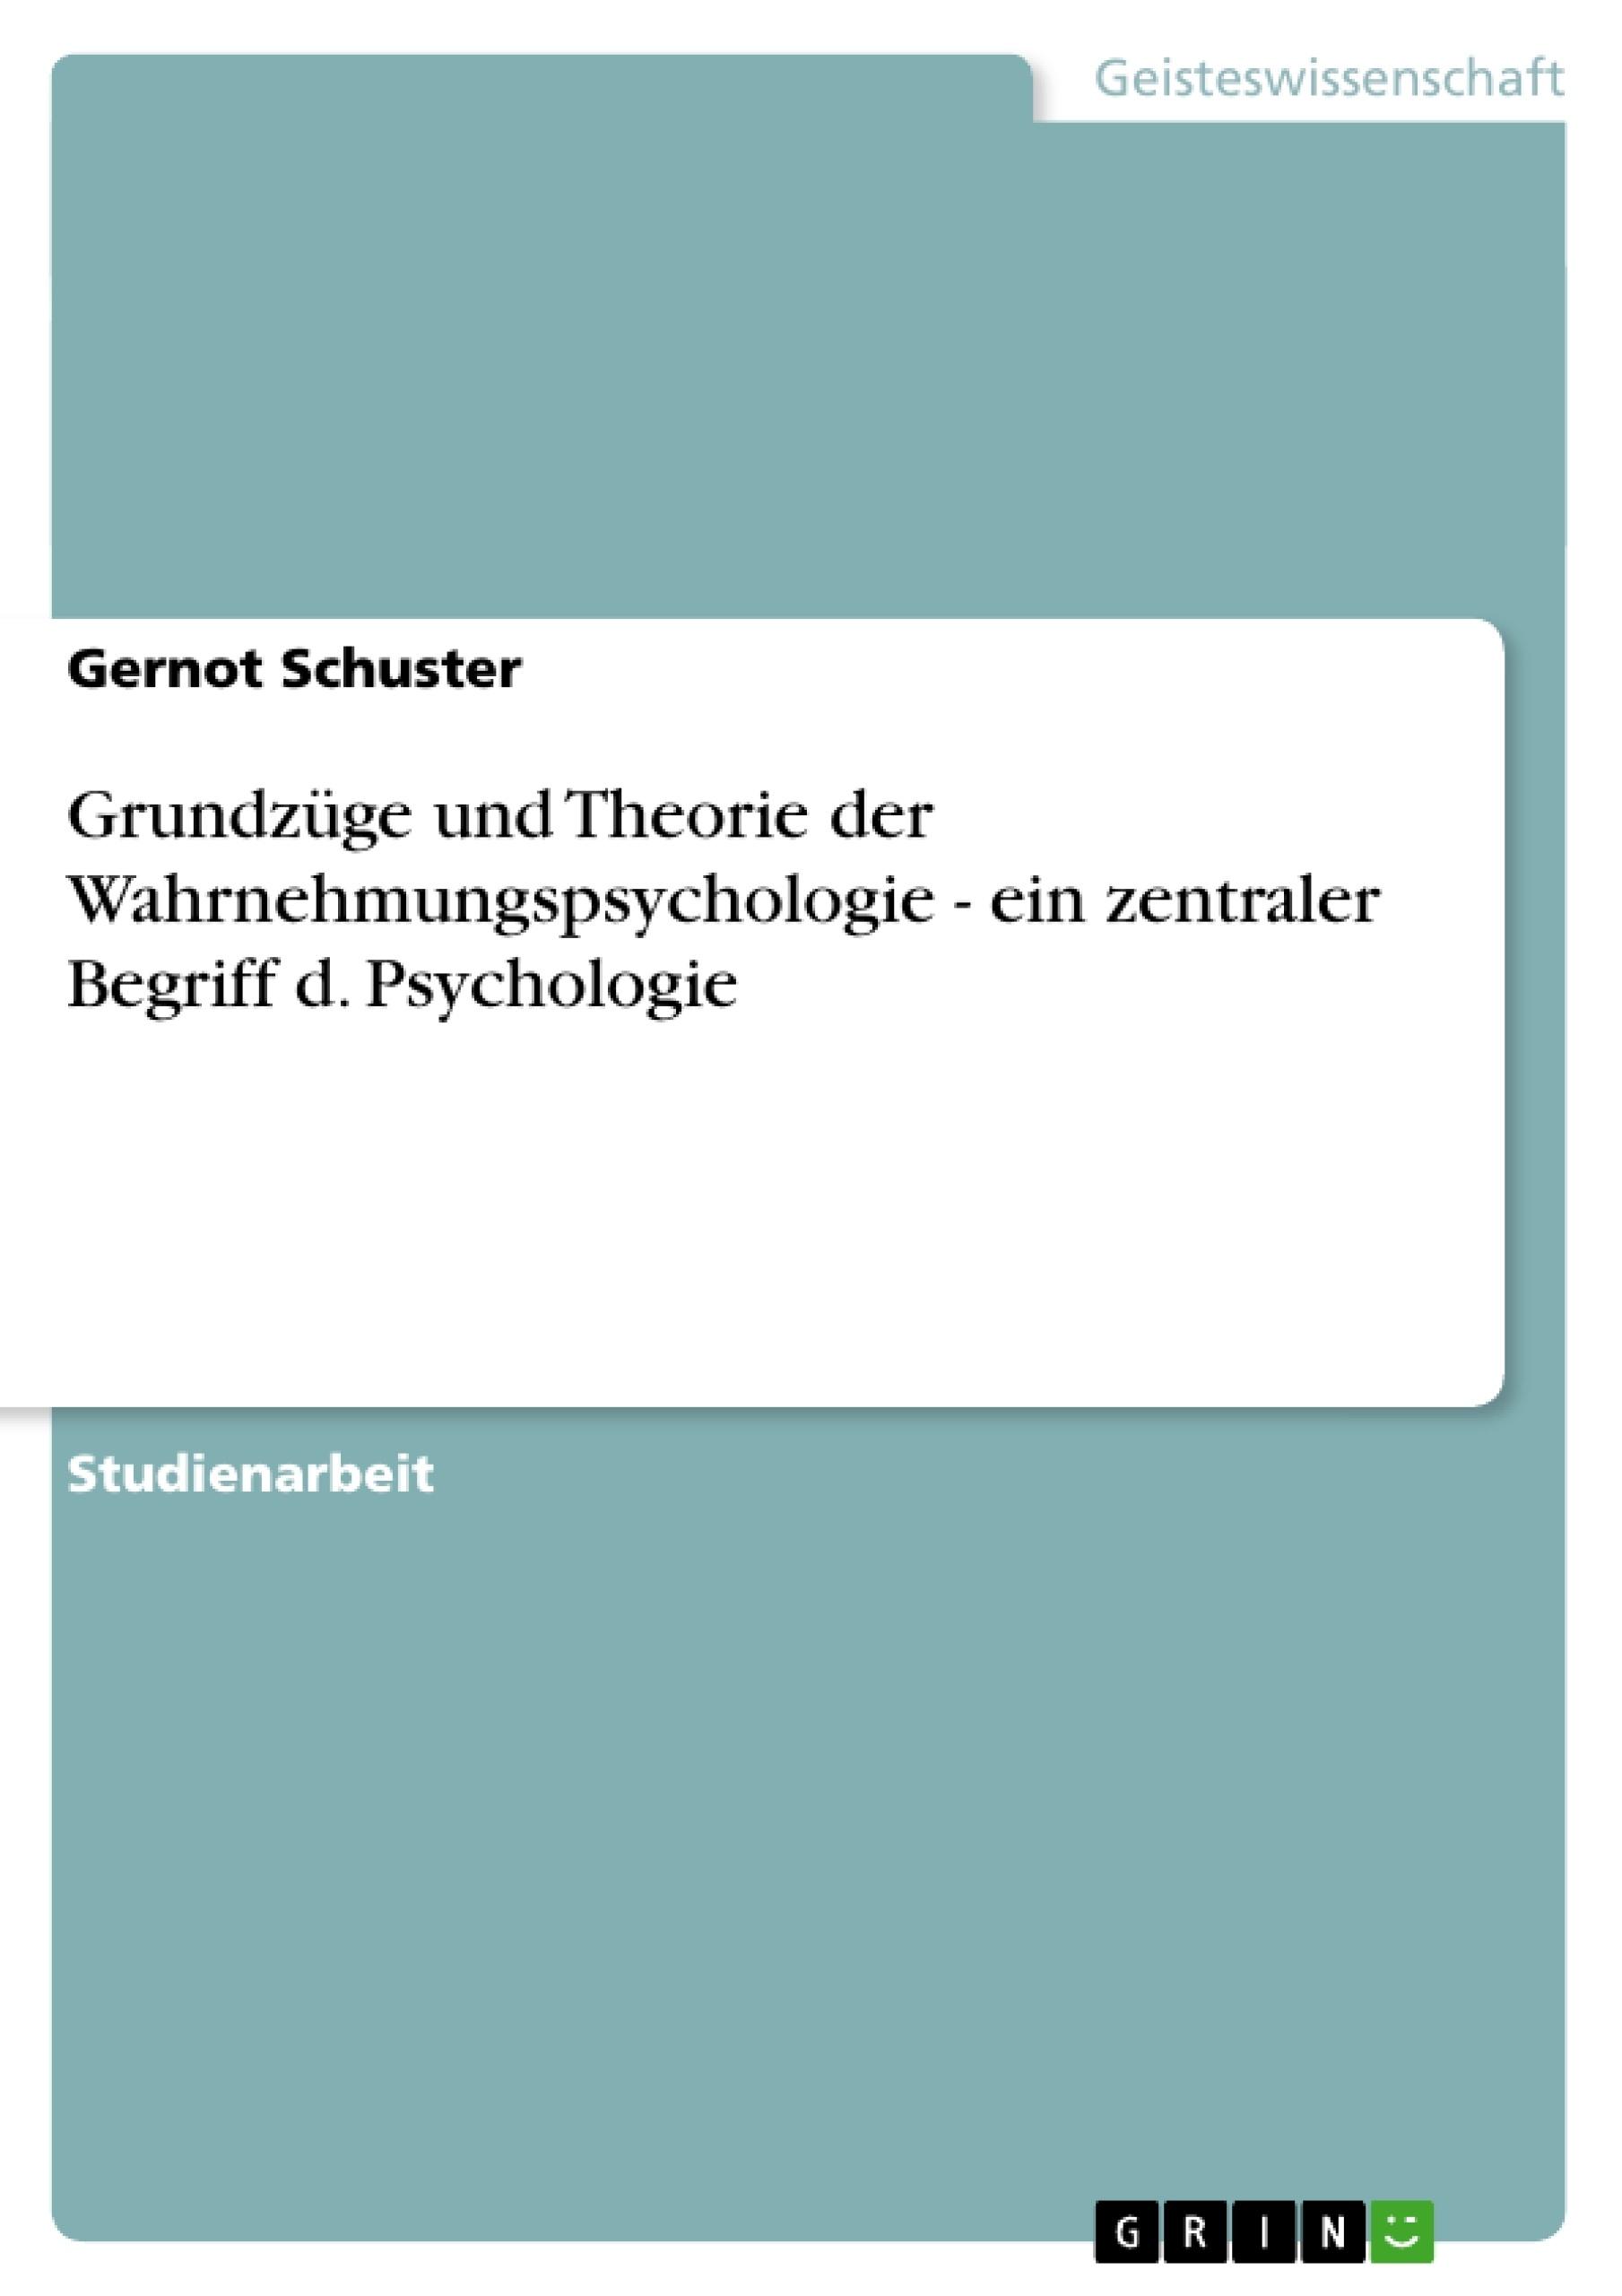 Titel: Grundzüge und Theorie der Wahrnehmungspsychologie - ein zentraler Begriff d. Psychologie